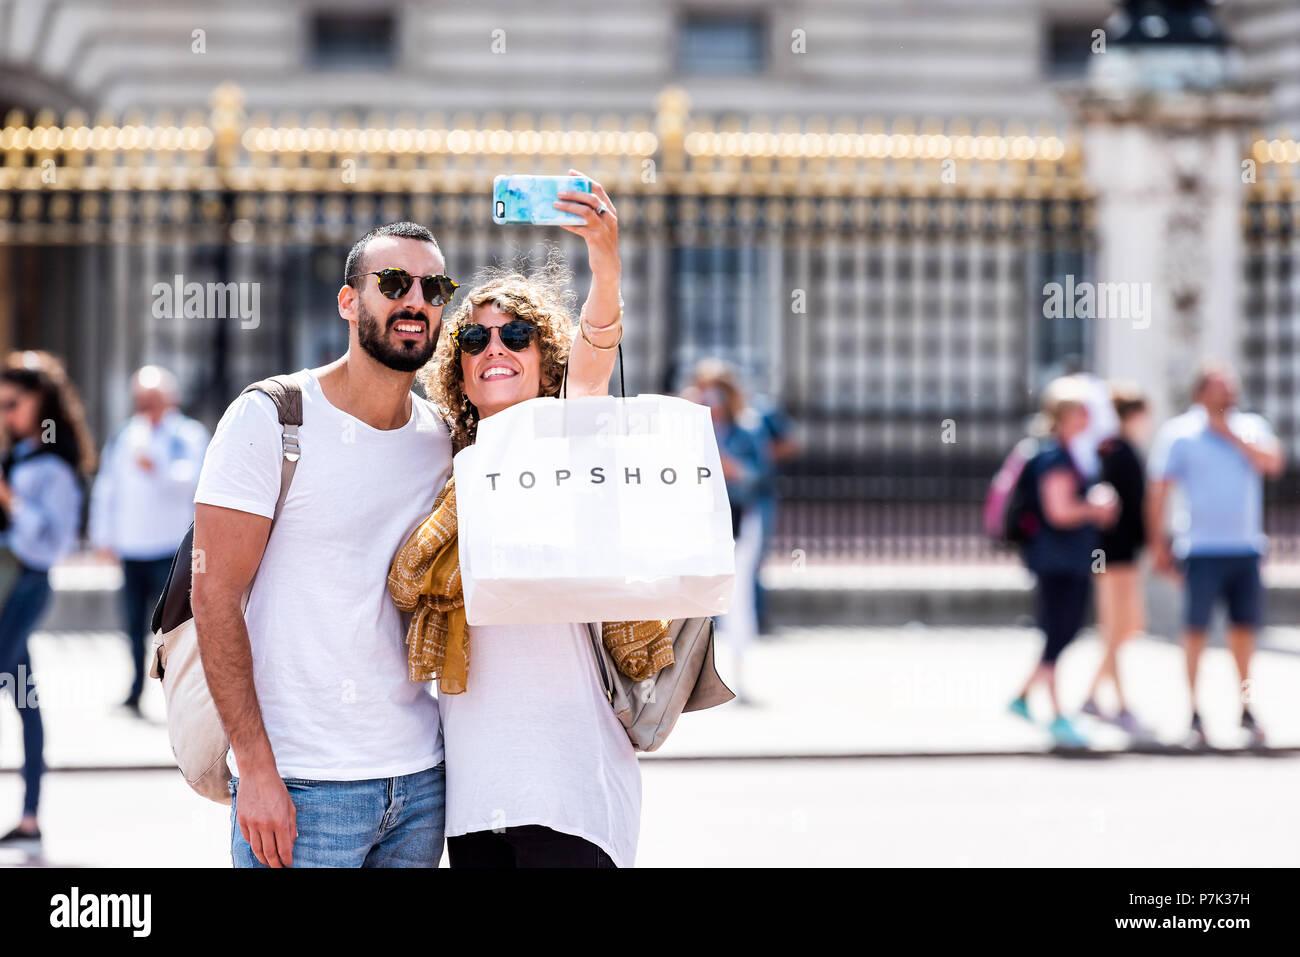 London, UK, 21. Juni 2018: Romantische junge Glücklich lächelnde Paar ständige Einnahme von selfie vor Gold, golden Buckingham Palace closeup Zaun, topsh Stockbild